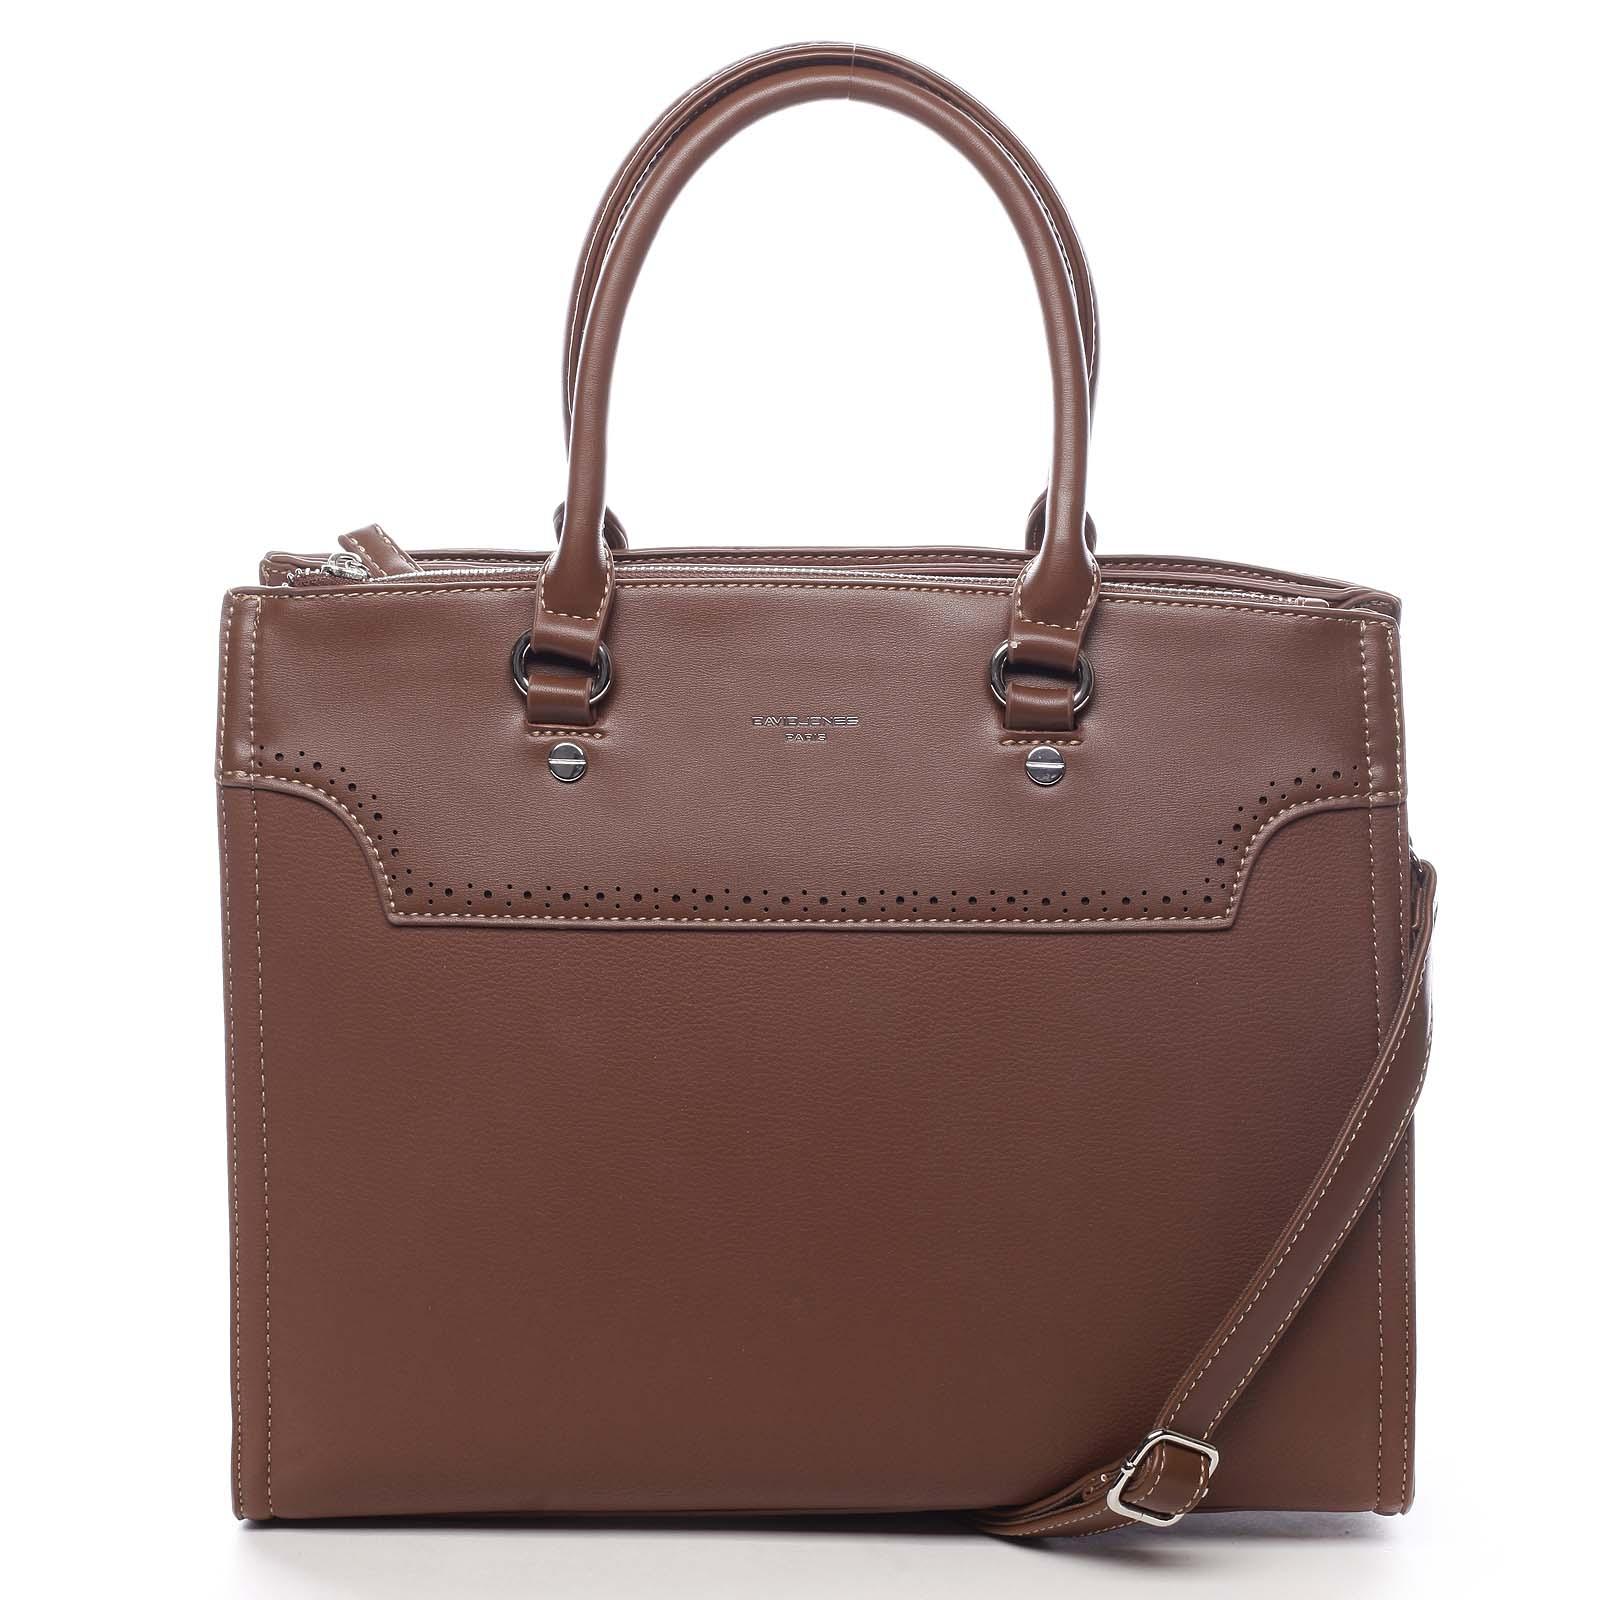 Dámska kabelka hnedá - David Jones Cimberly hnedá